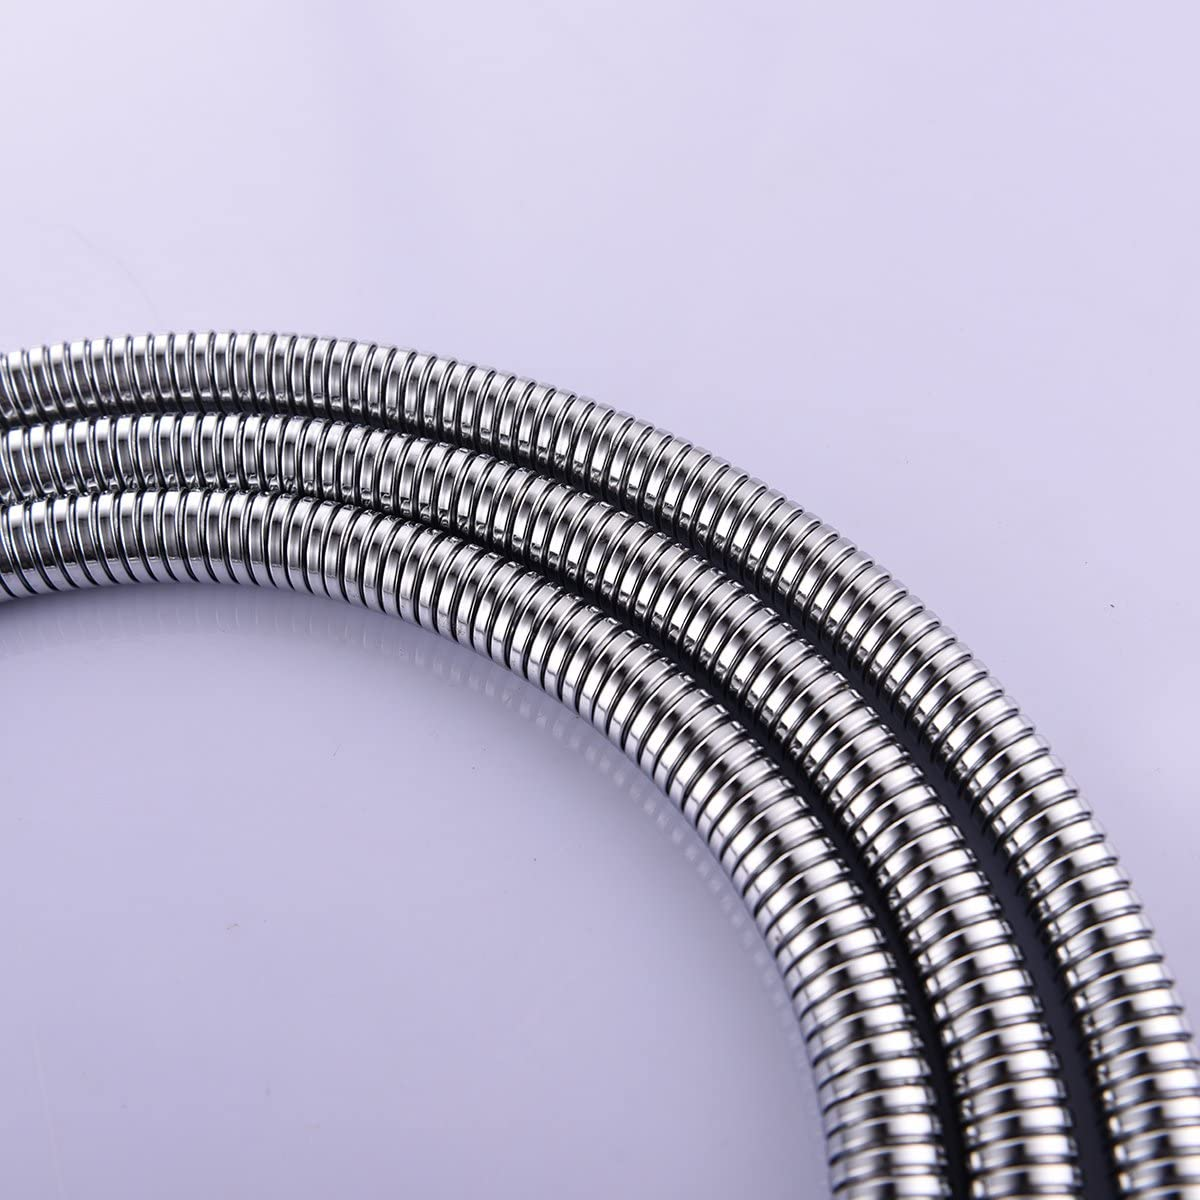 Ciencia Ressort de tuyau de douche flexible en acier inoxydable avec raccord en laiton massif or